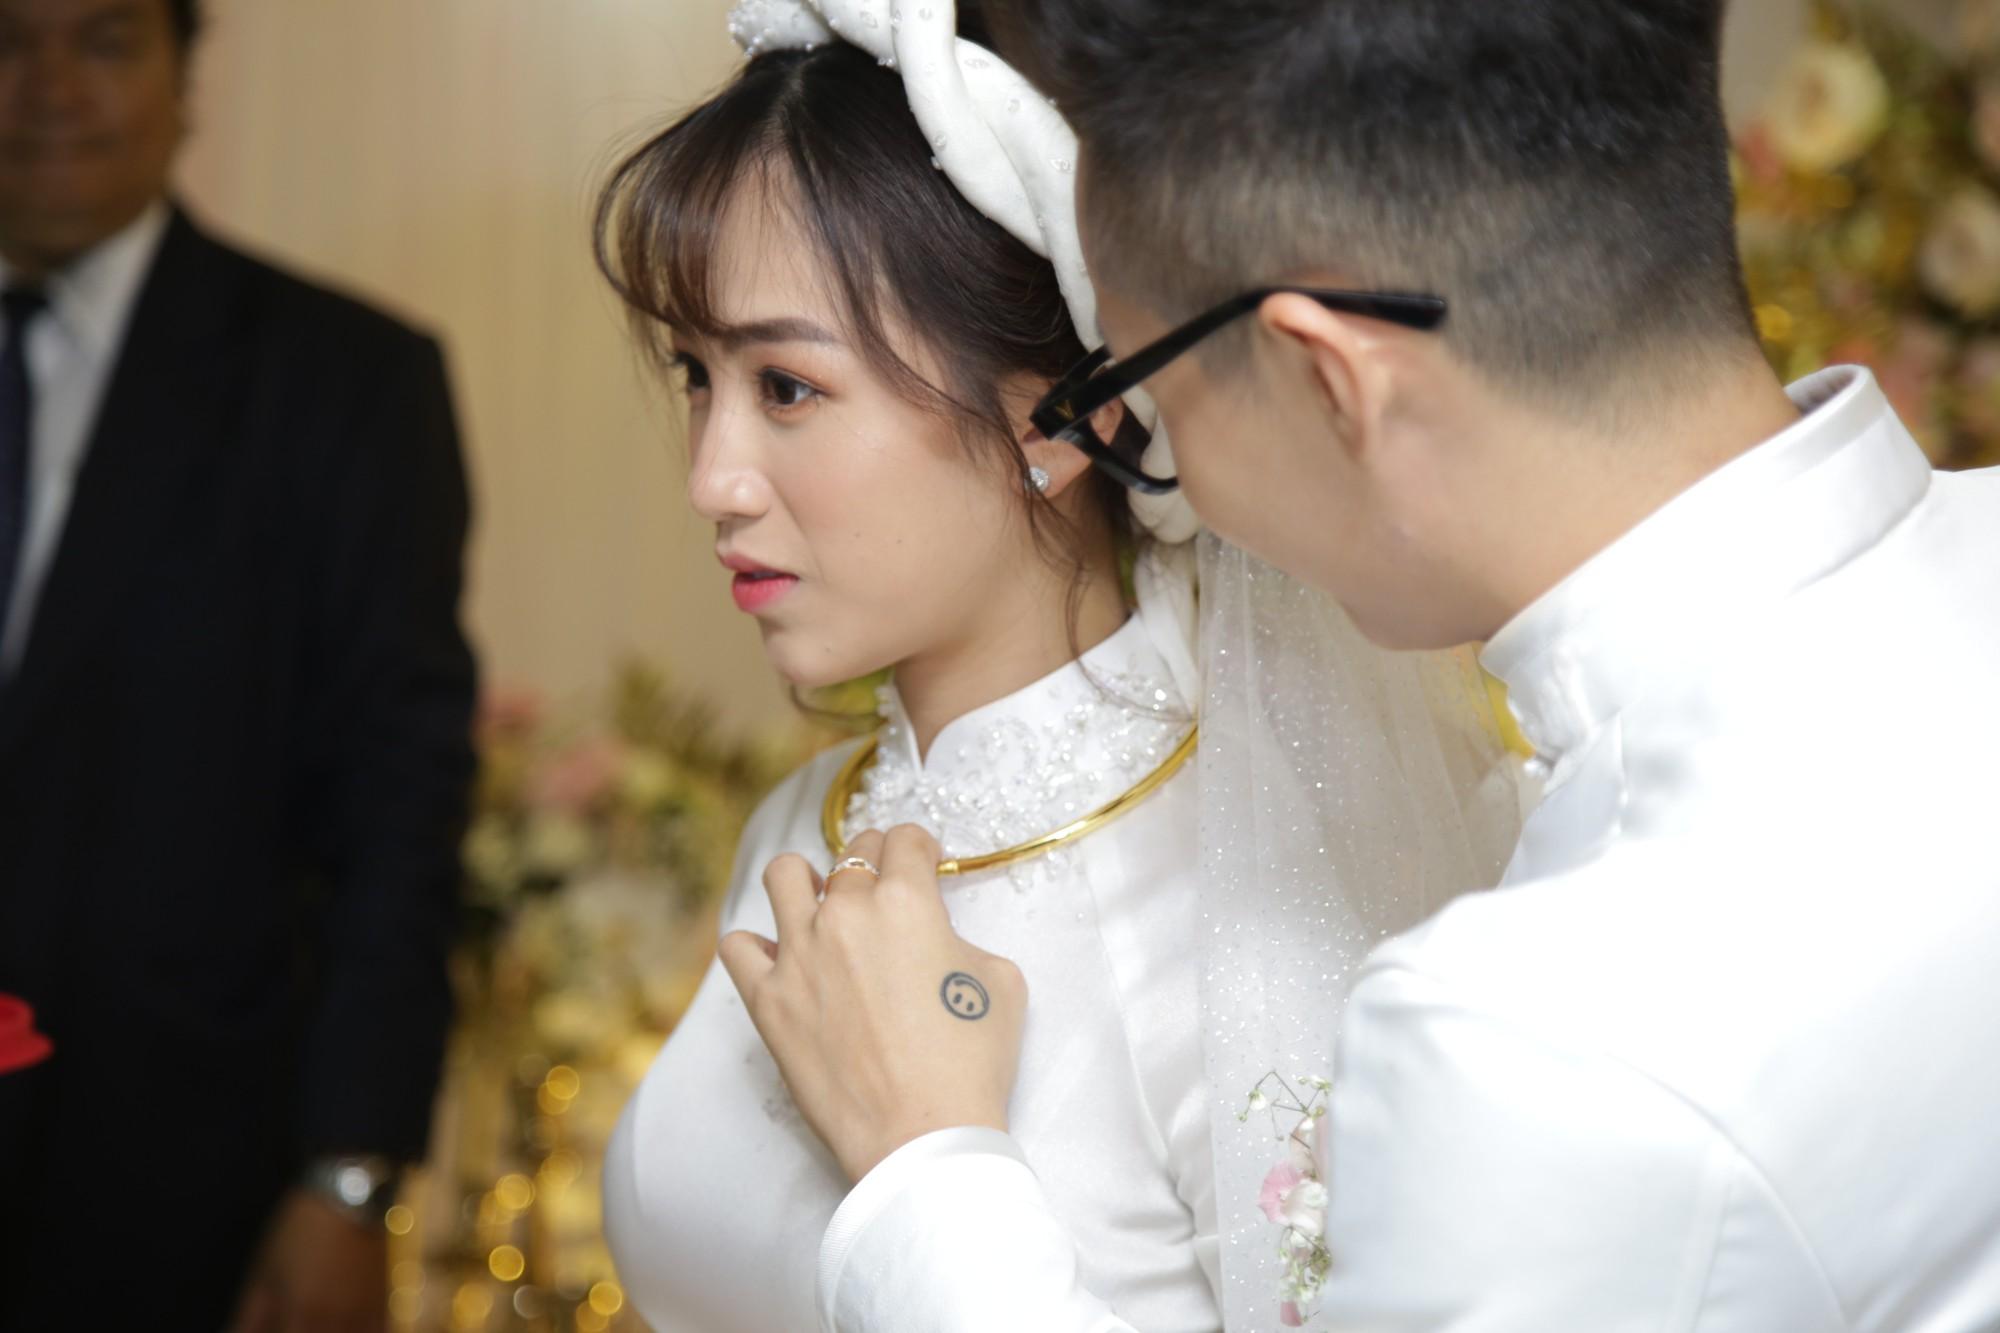 HOT: Toàn cảnh lễ đưa dâu toàn siêu xe hơn 100 tỷ của con gái đại gia Minh Nhựa, quà cưới toàn vàng, kim cương đeo đỏ tay-28